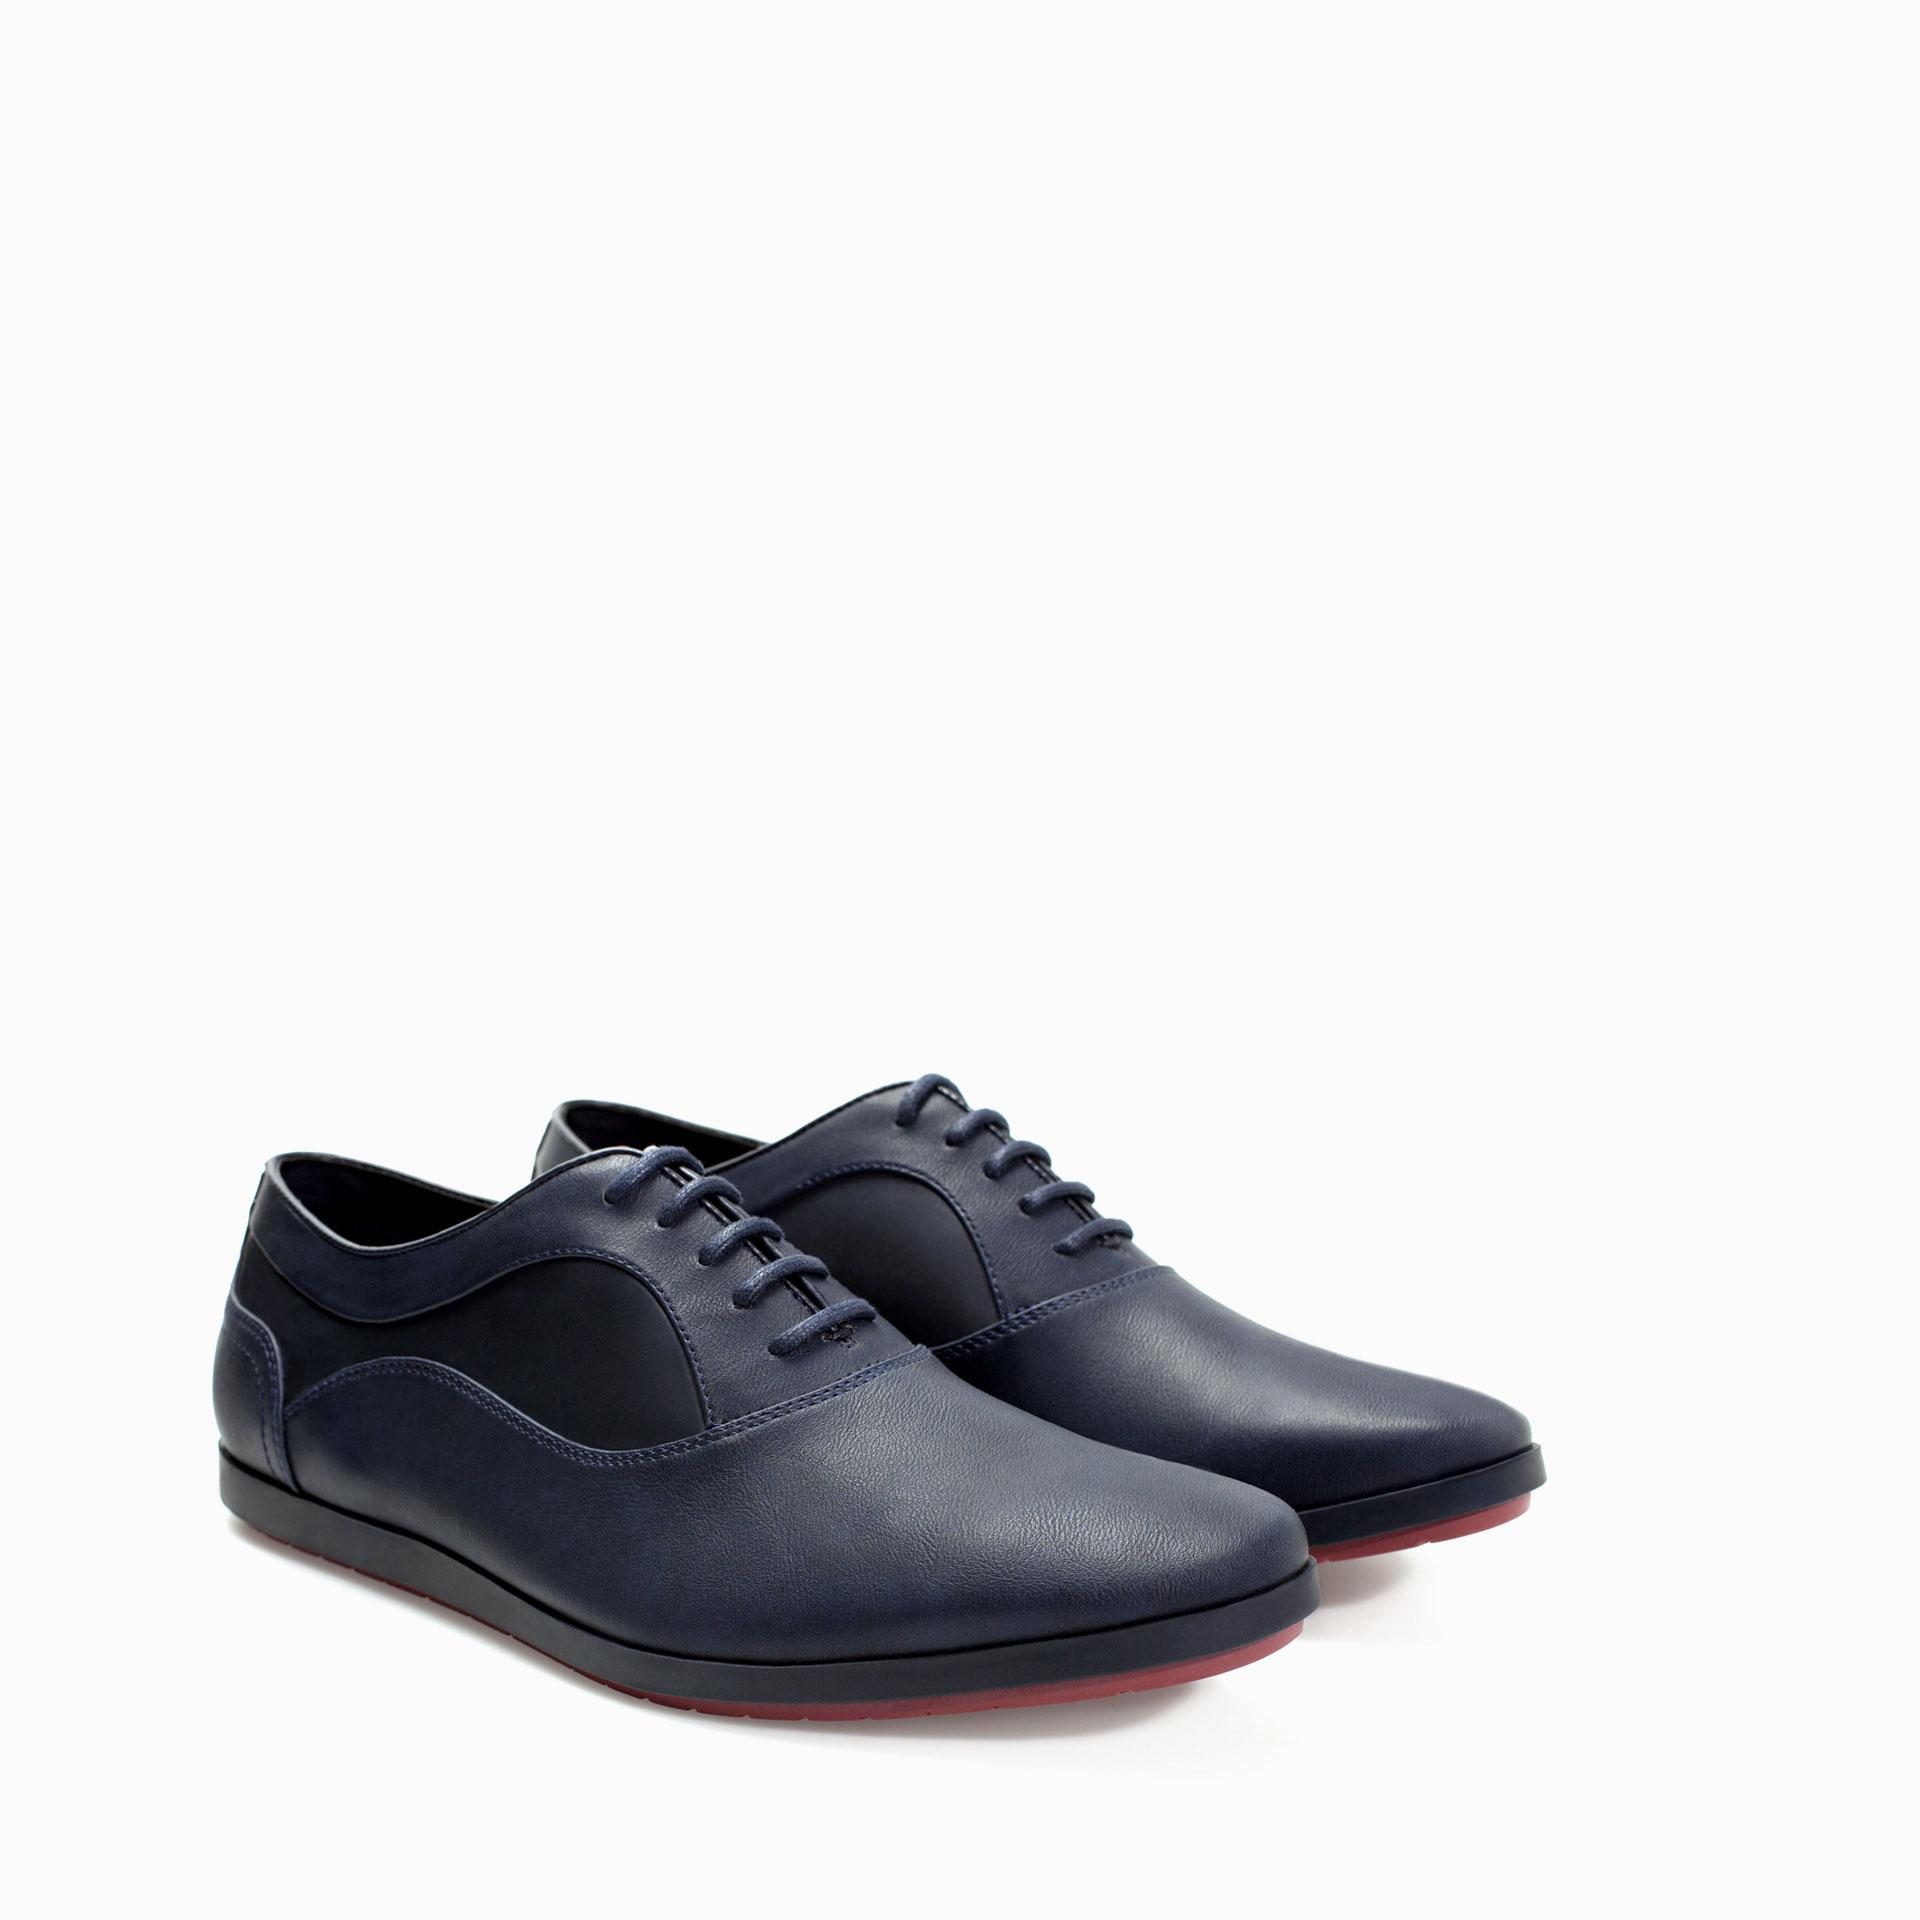 Zara Basic Navy Shoe Lace